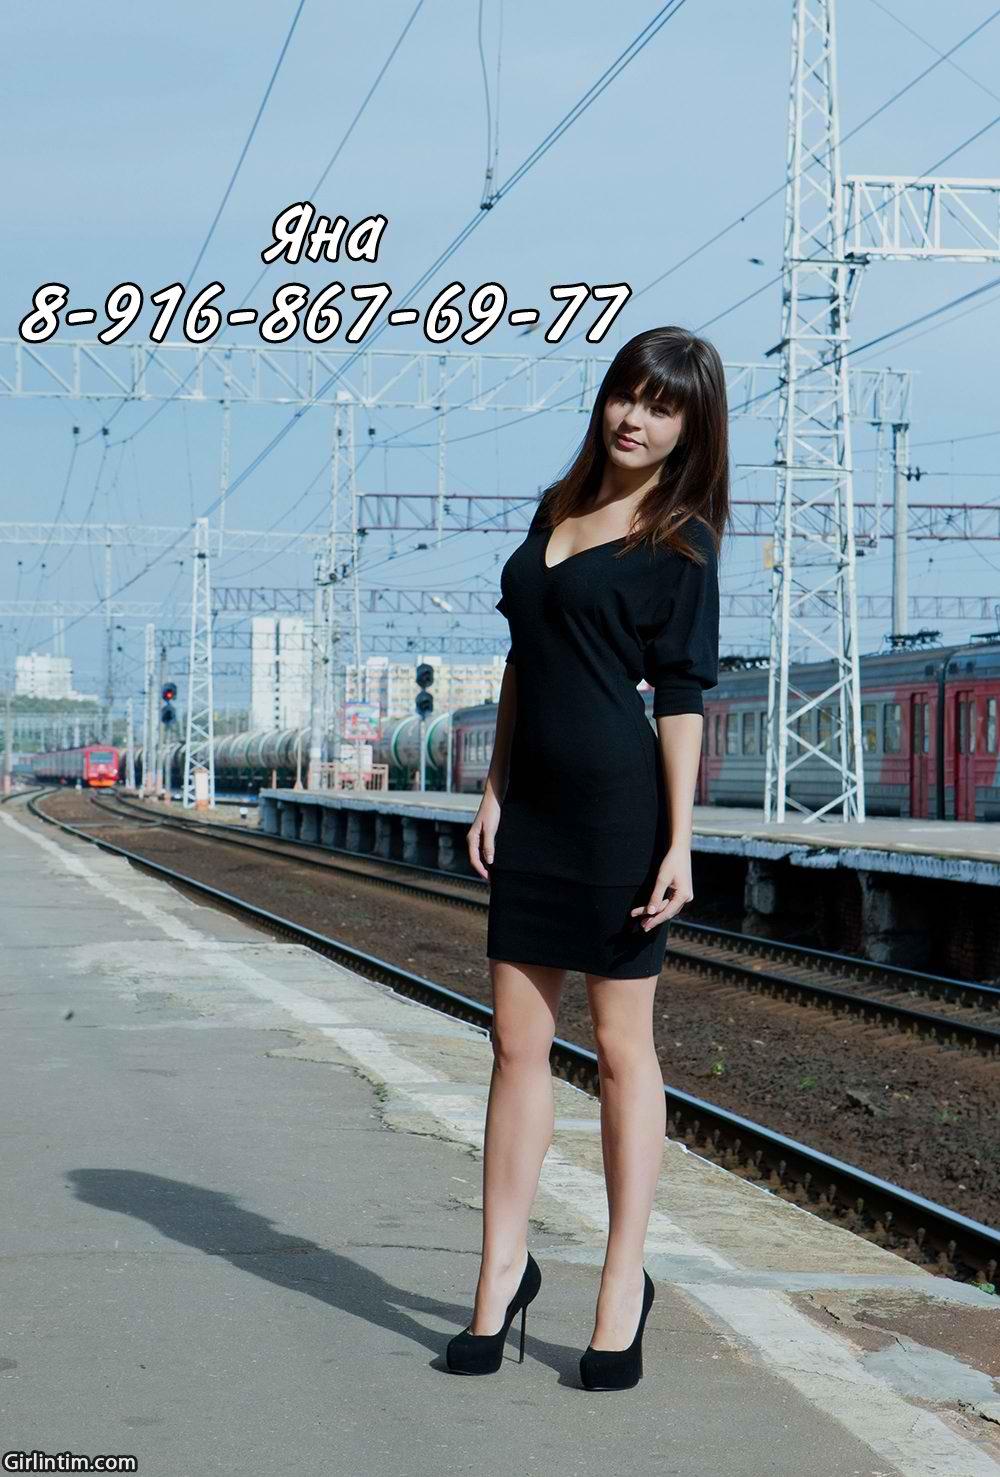 проститутки москвы бесплатное фото